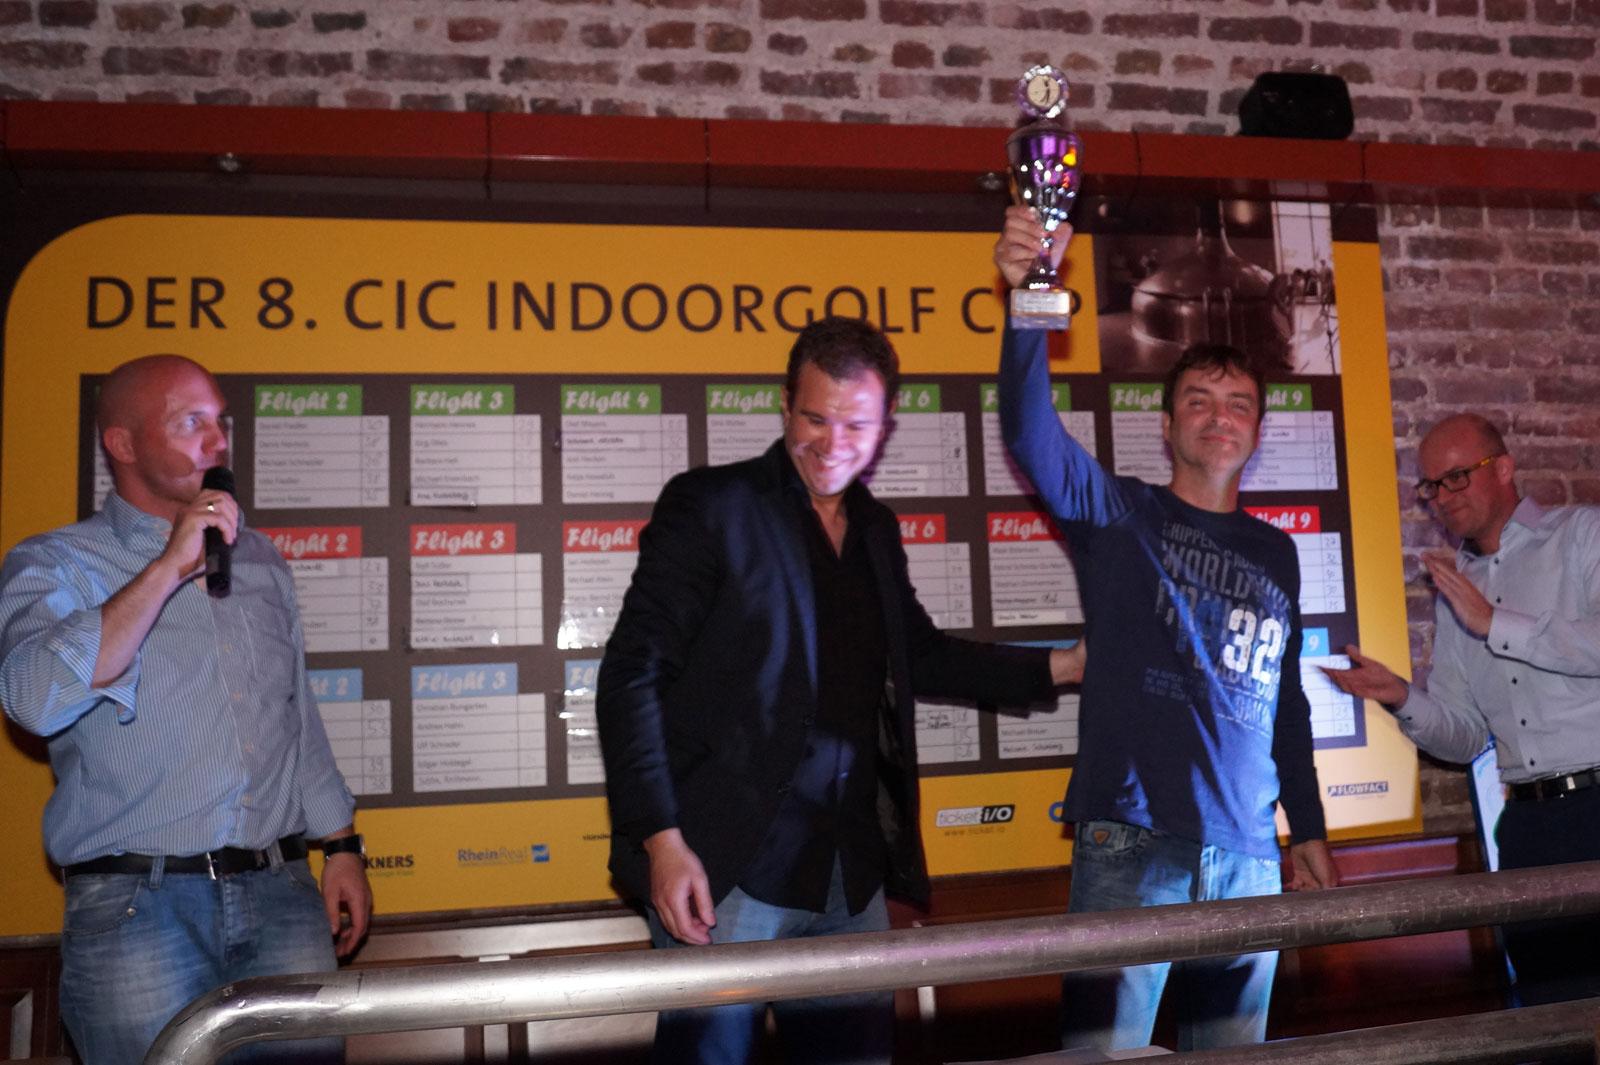 Sieger Torsten Klink des 8. CIC Indoorgolf Cup